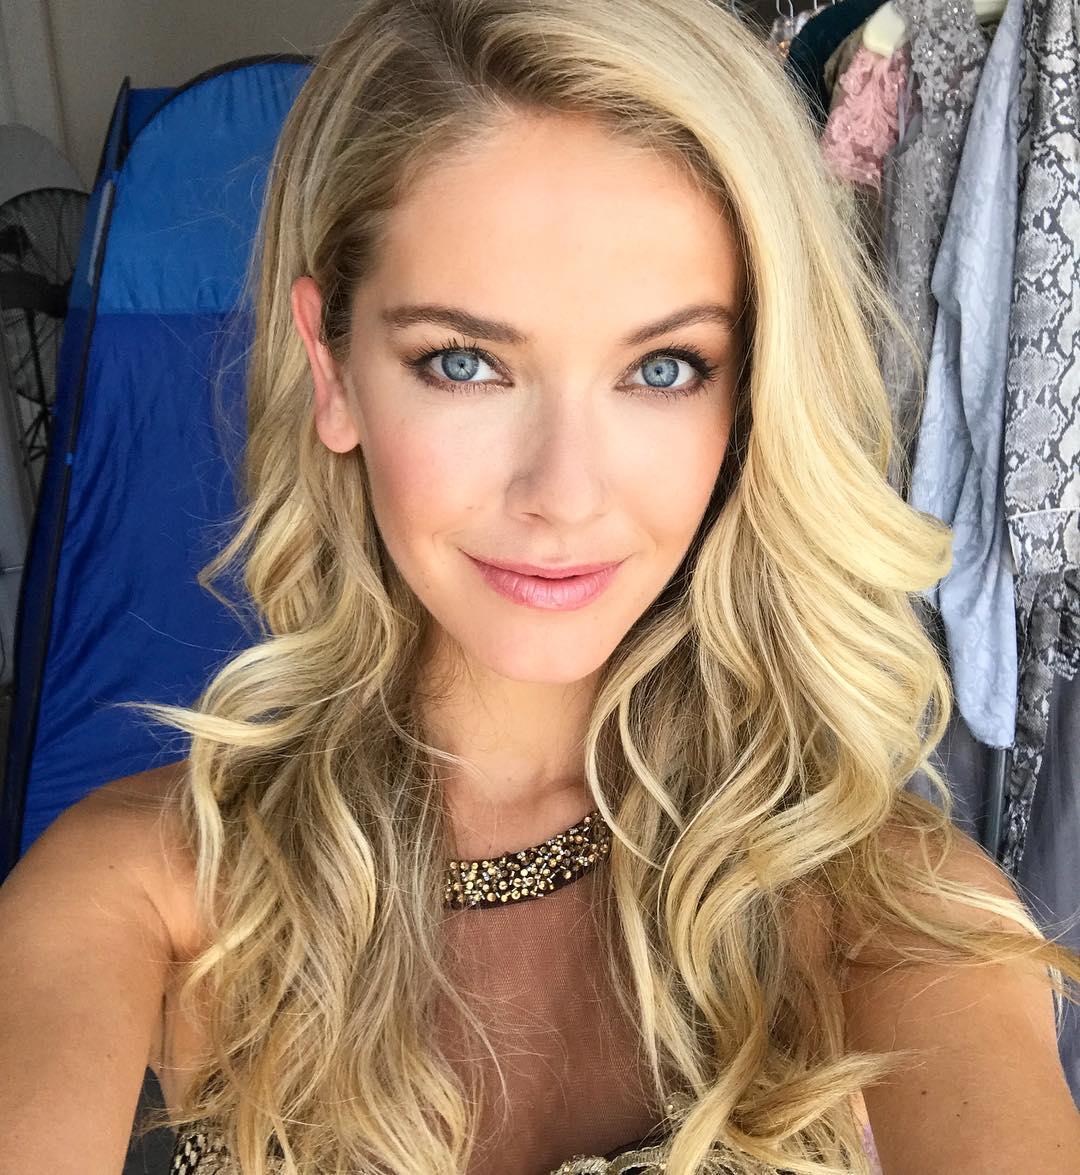 Olivia Jordan Instagram username